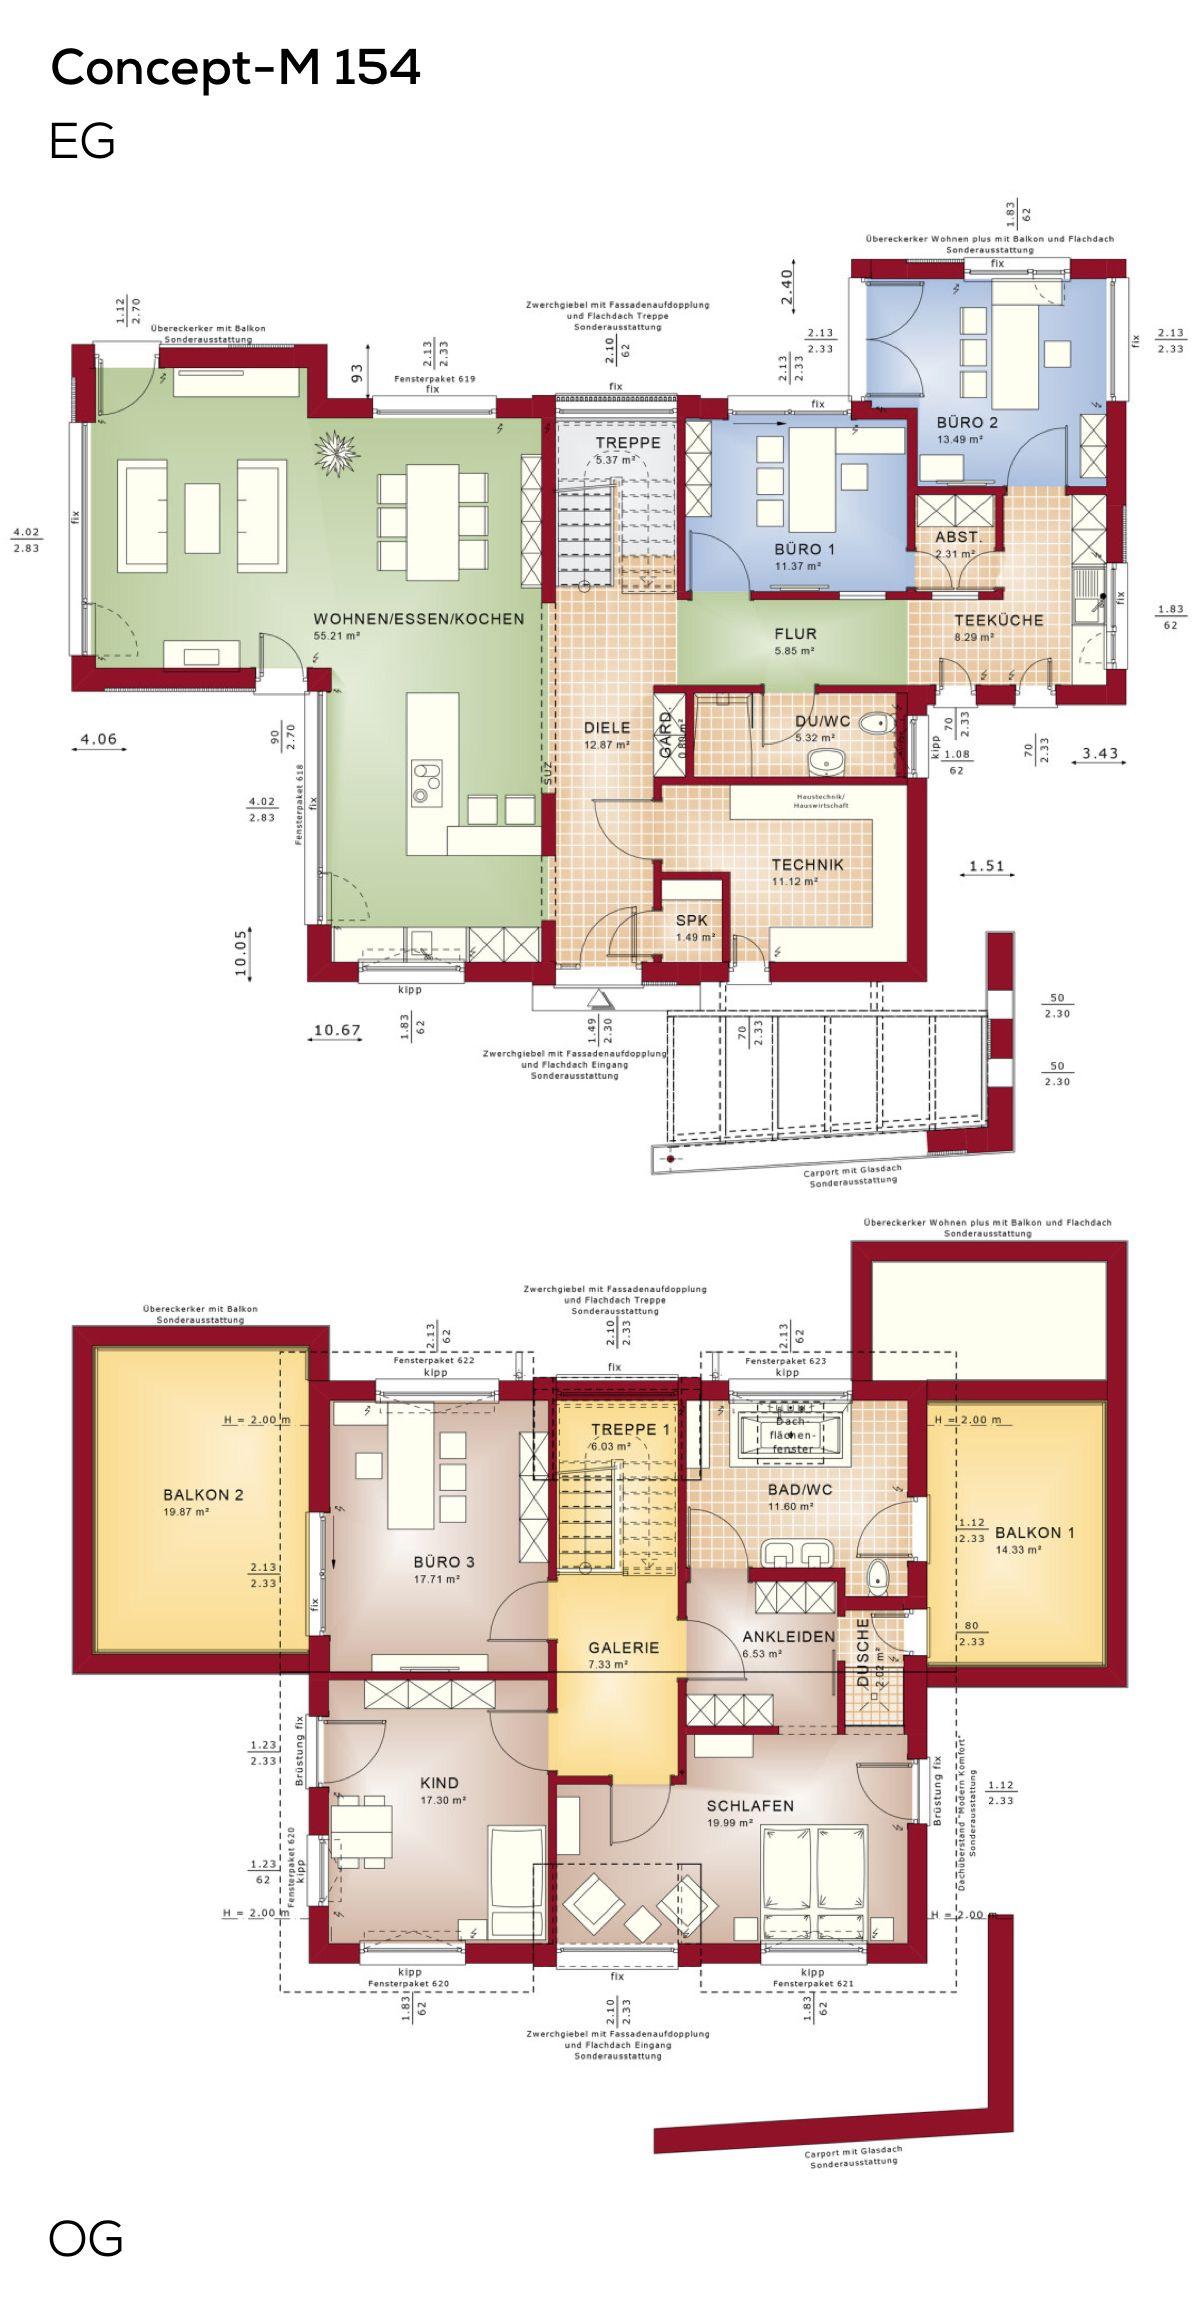 grundrisse einfamilienhaus modern mit b ro anbau und erker 6 zimmer 220 qm wohnfl che. Black Bedroom Furniture Sets. Home Design Ideas